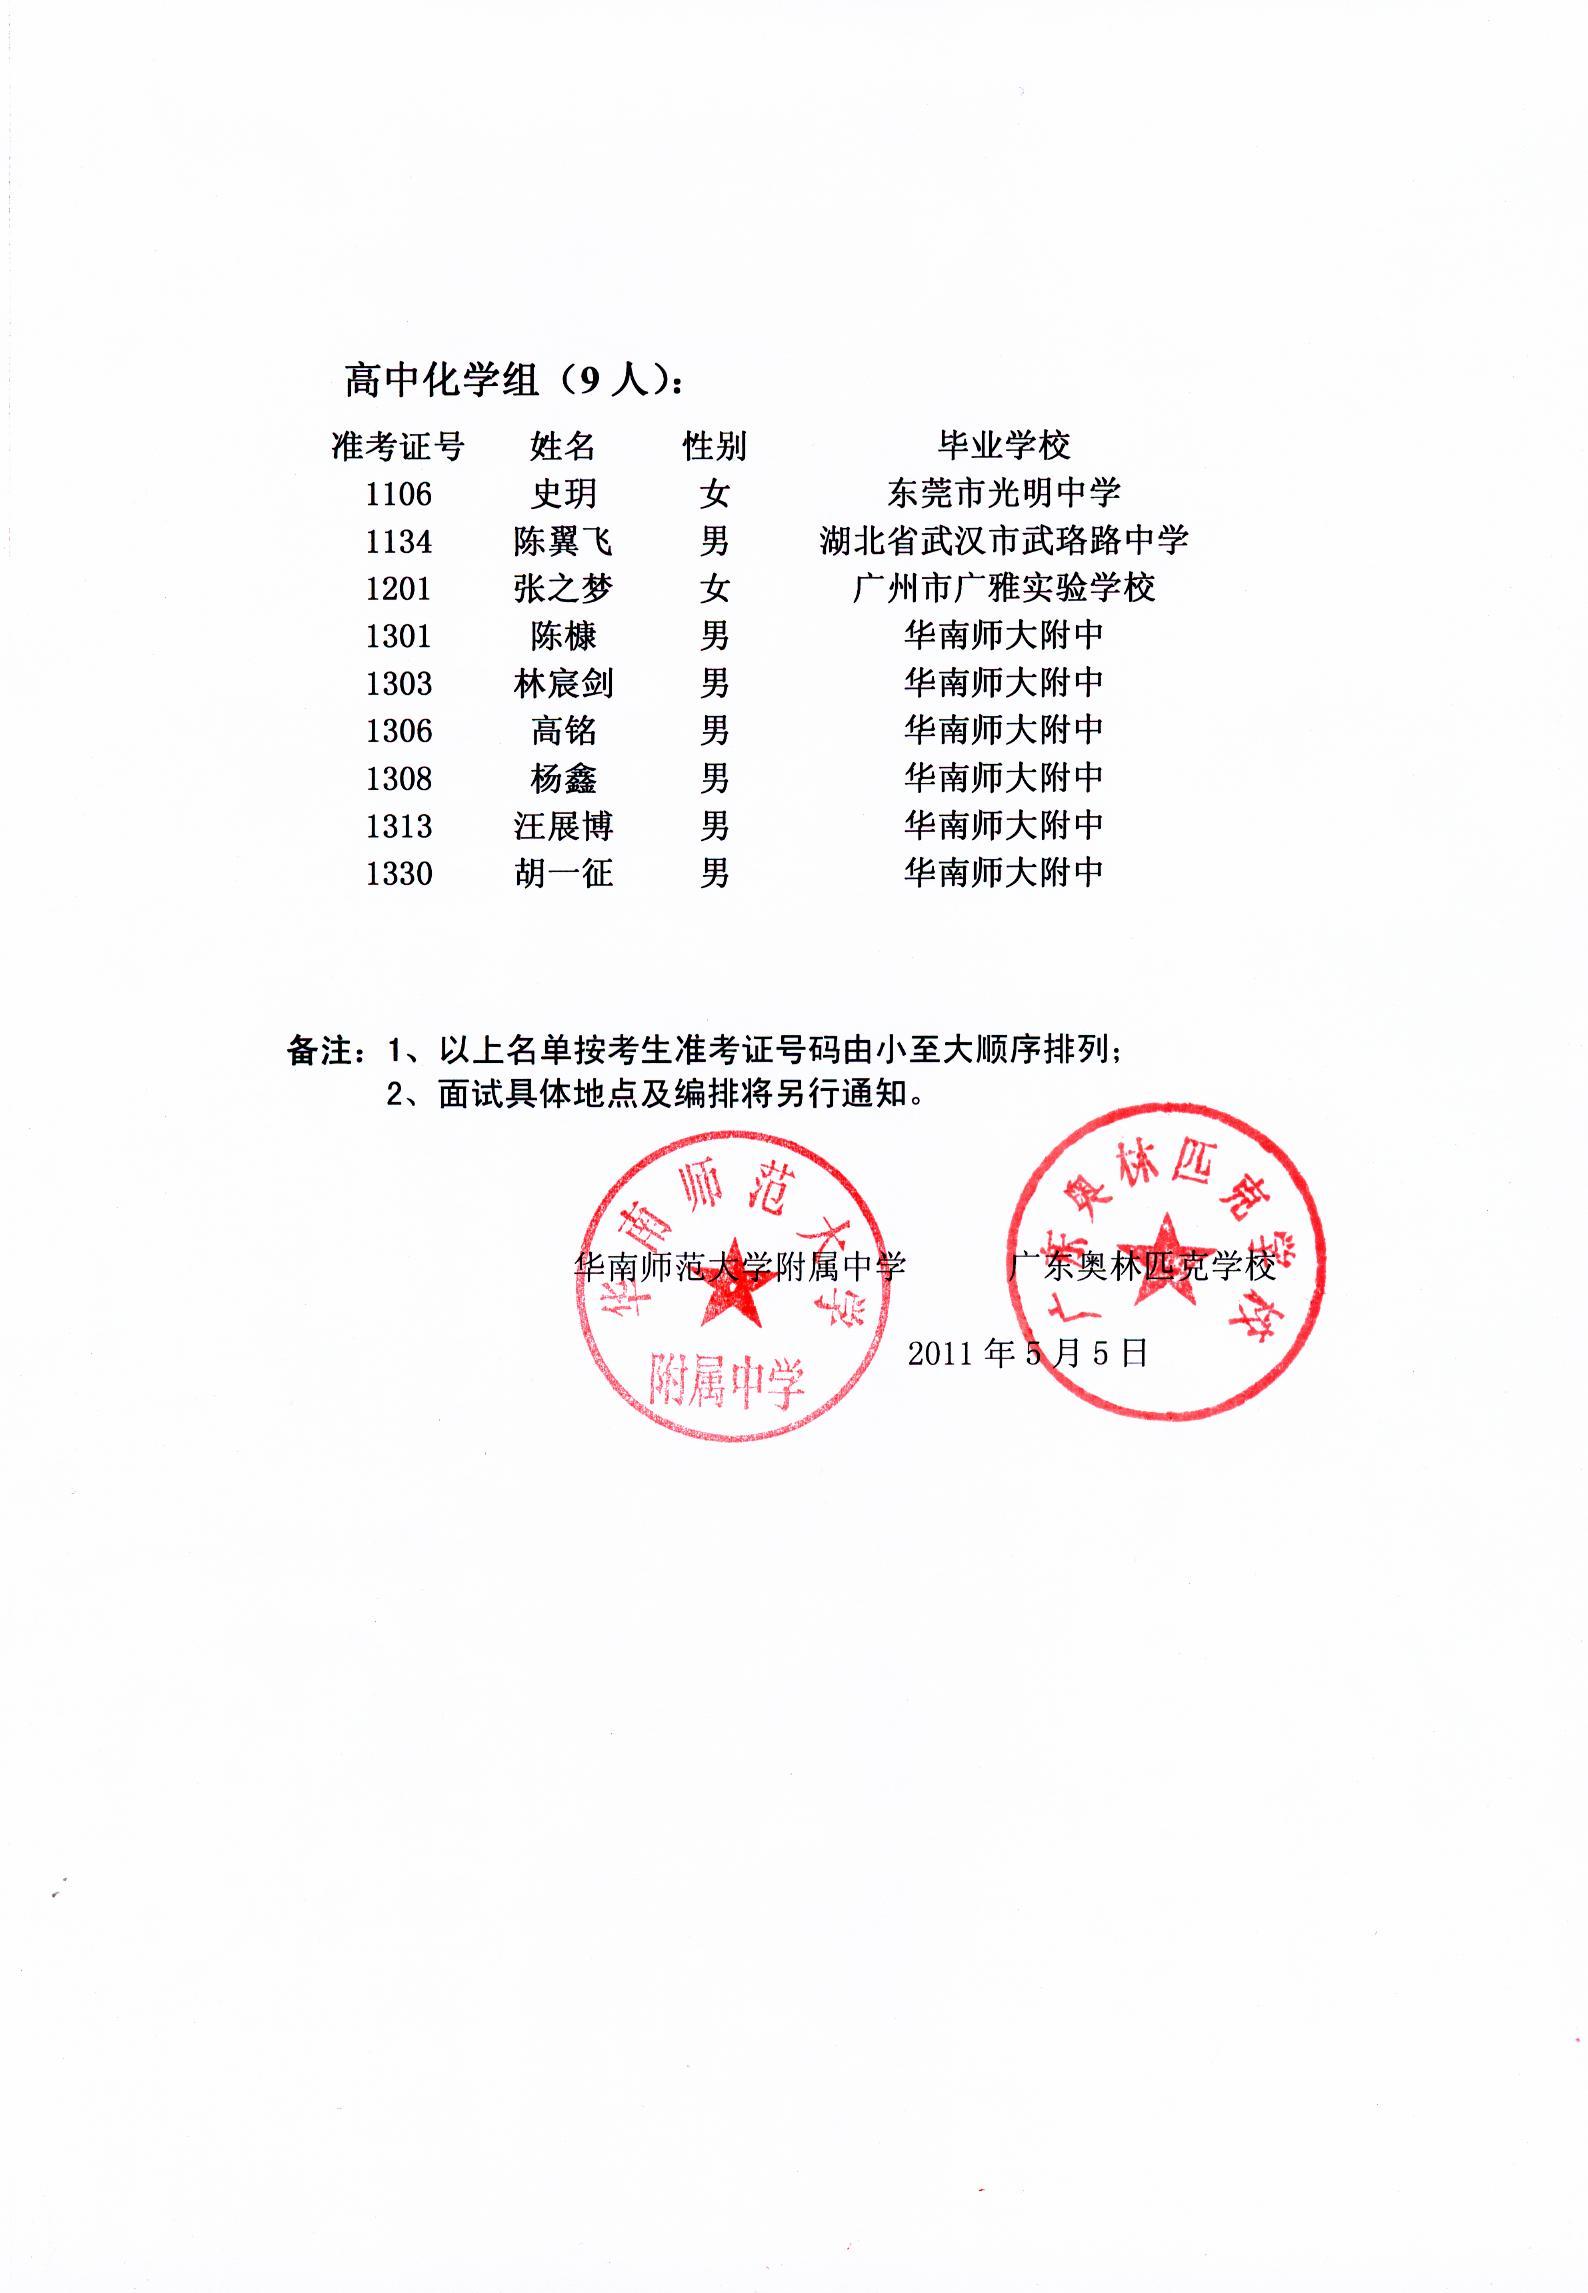 469、2011年广东奥林匹克学校高中招生考试入围面试学生名单公布 - 数学李老师 - 华师附中数学教育工作室